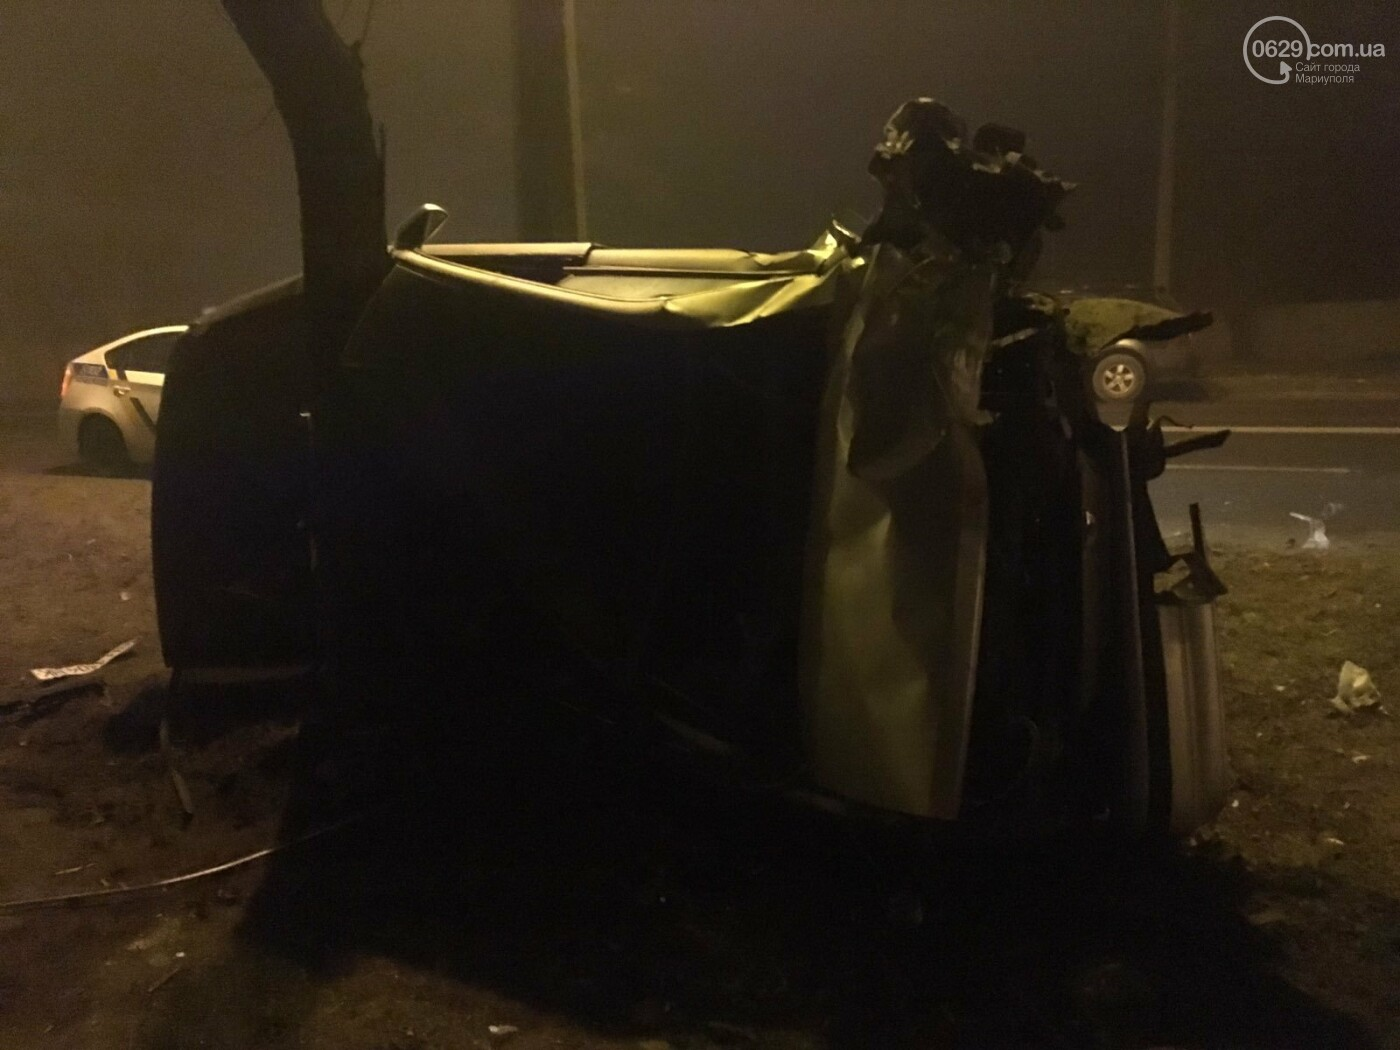 Жуткая авария на Левобережье Мариуполя. Пострадали четверо человек, - ФОТО, фото-2